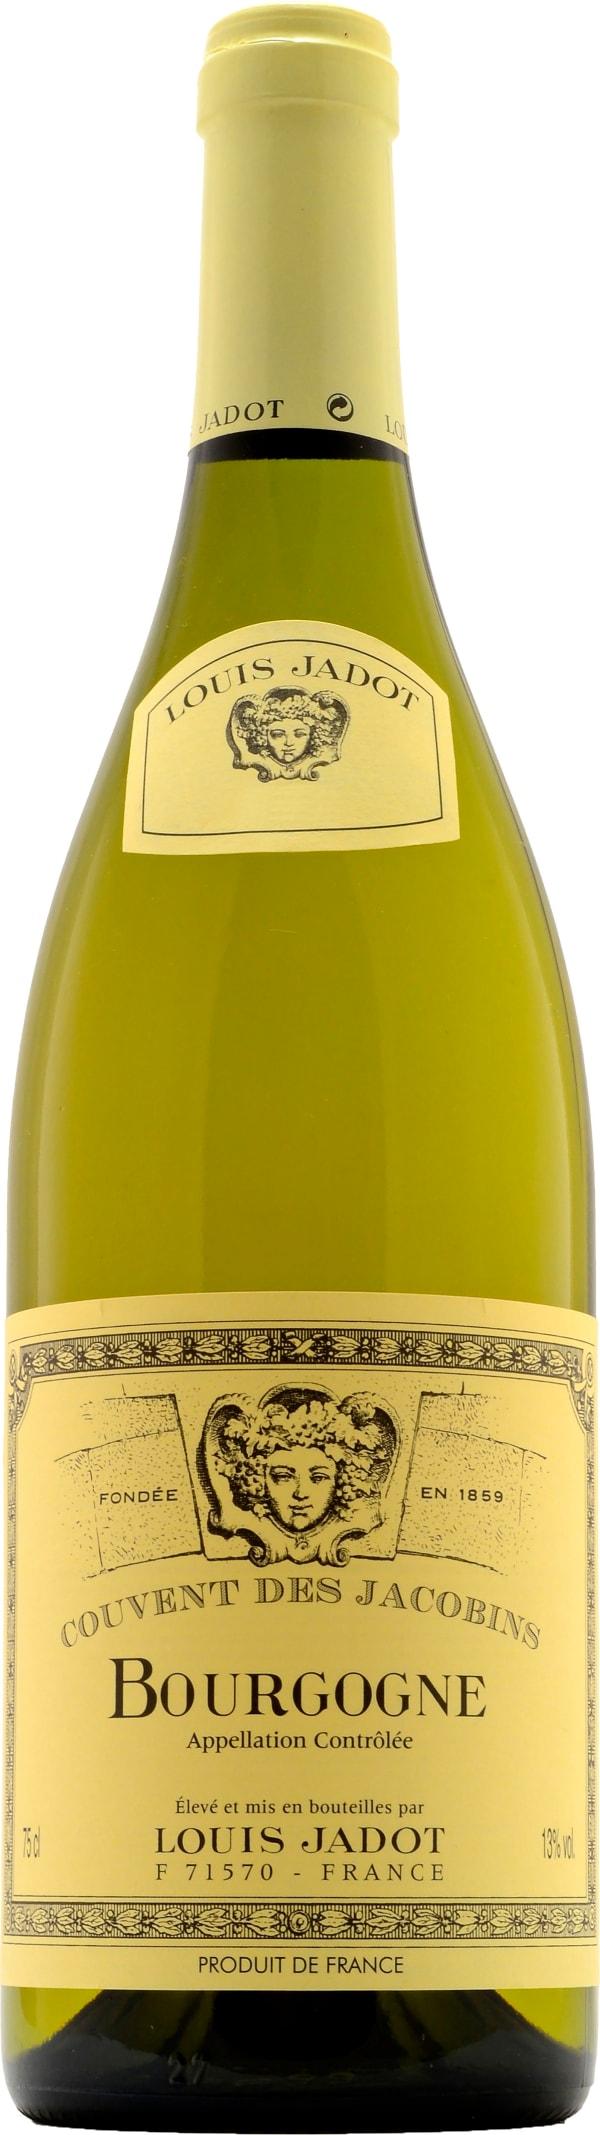 Bourgogne Chardonnay Couvent des Jacobins 2018